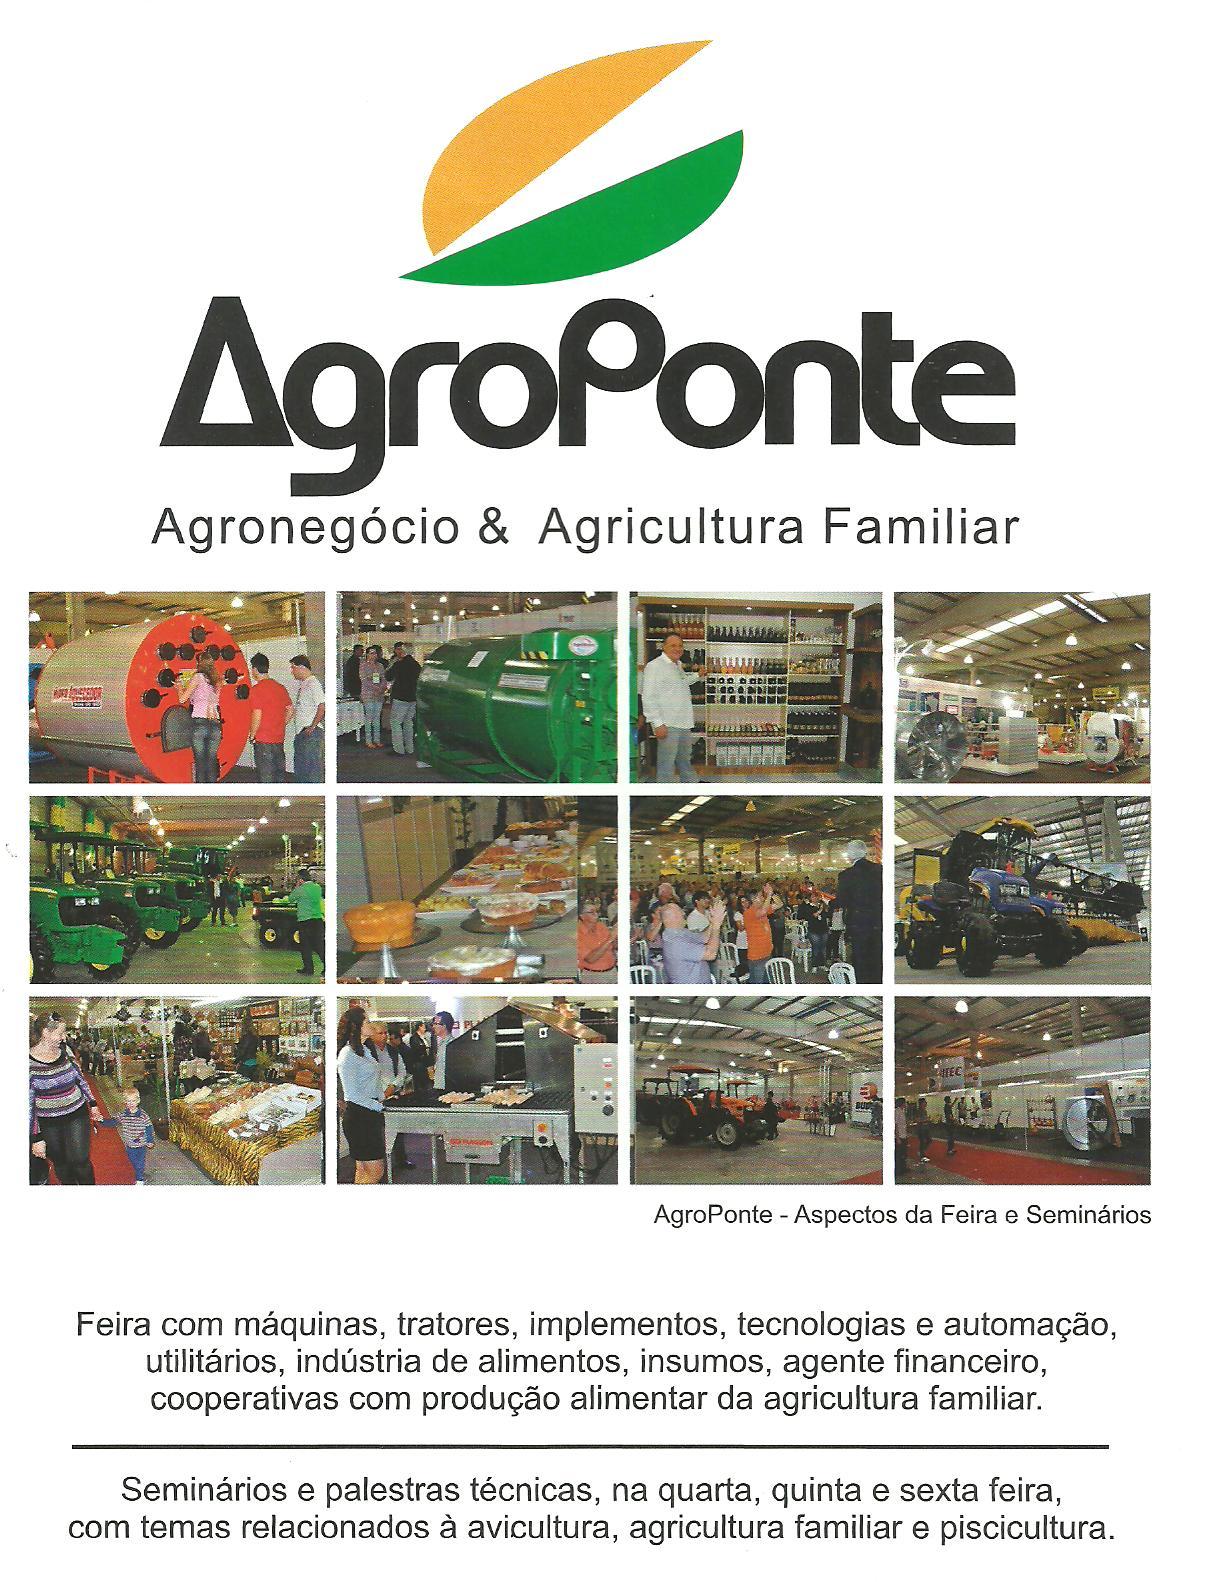 Associação dos Psicultores de Orleans participa da AgroPonte que inicia hoje em Criciúma